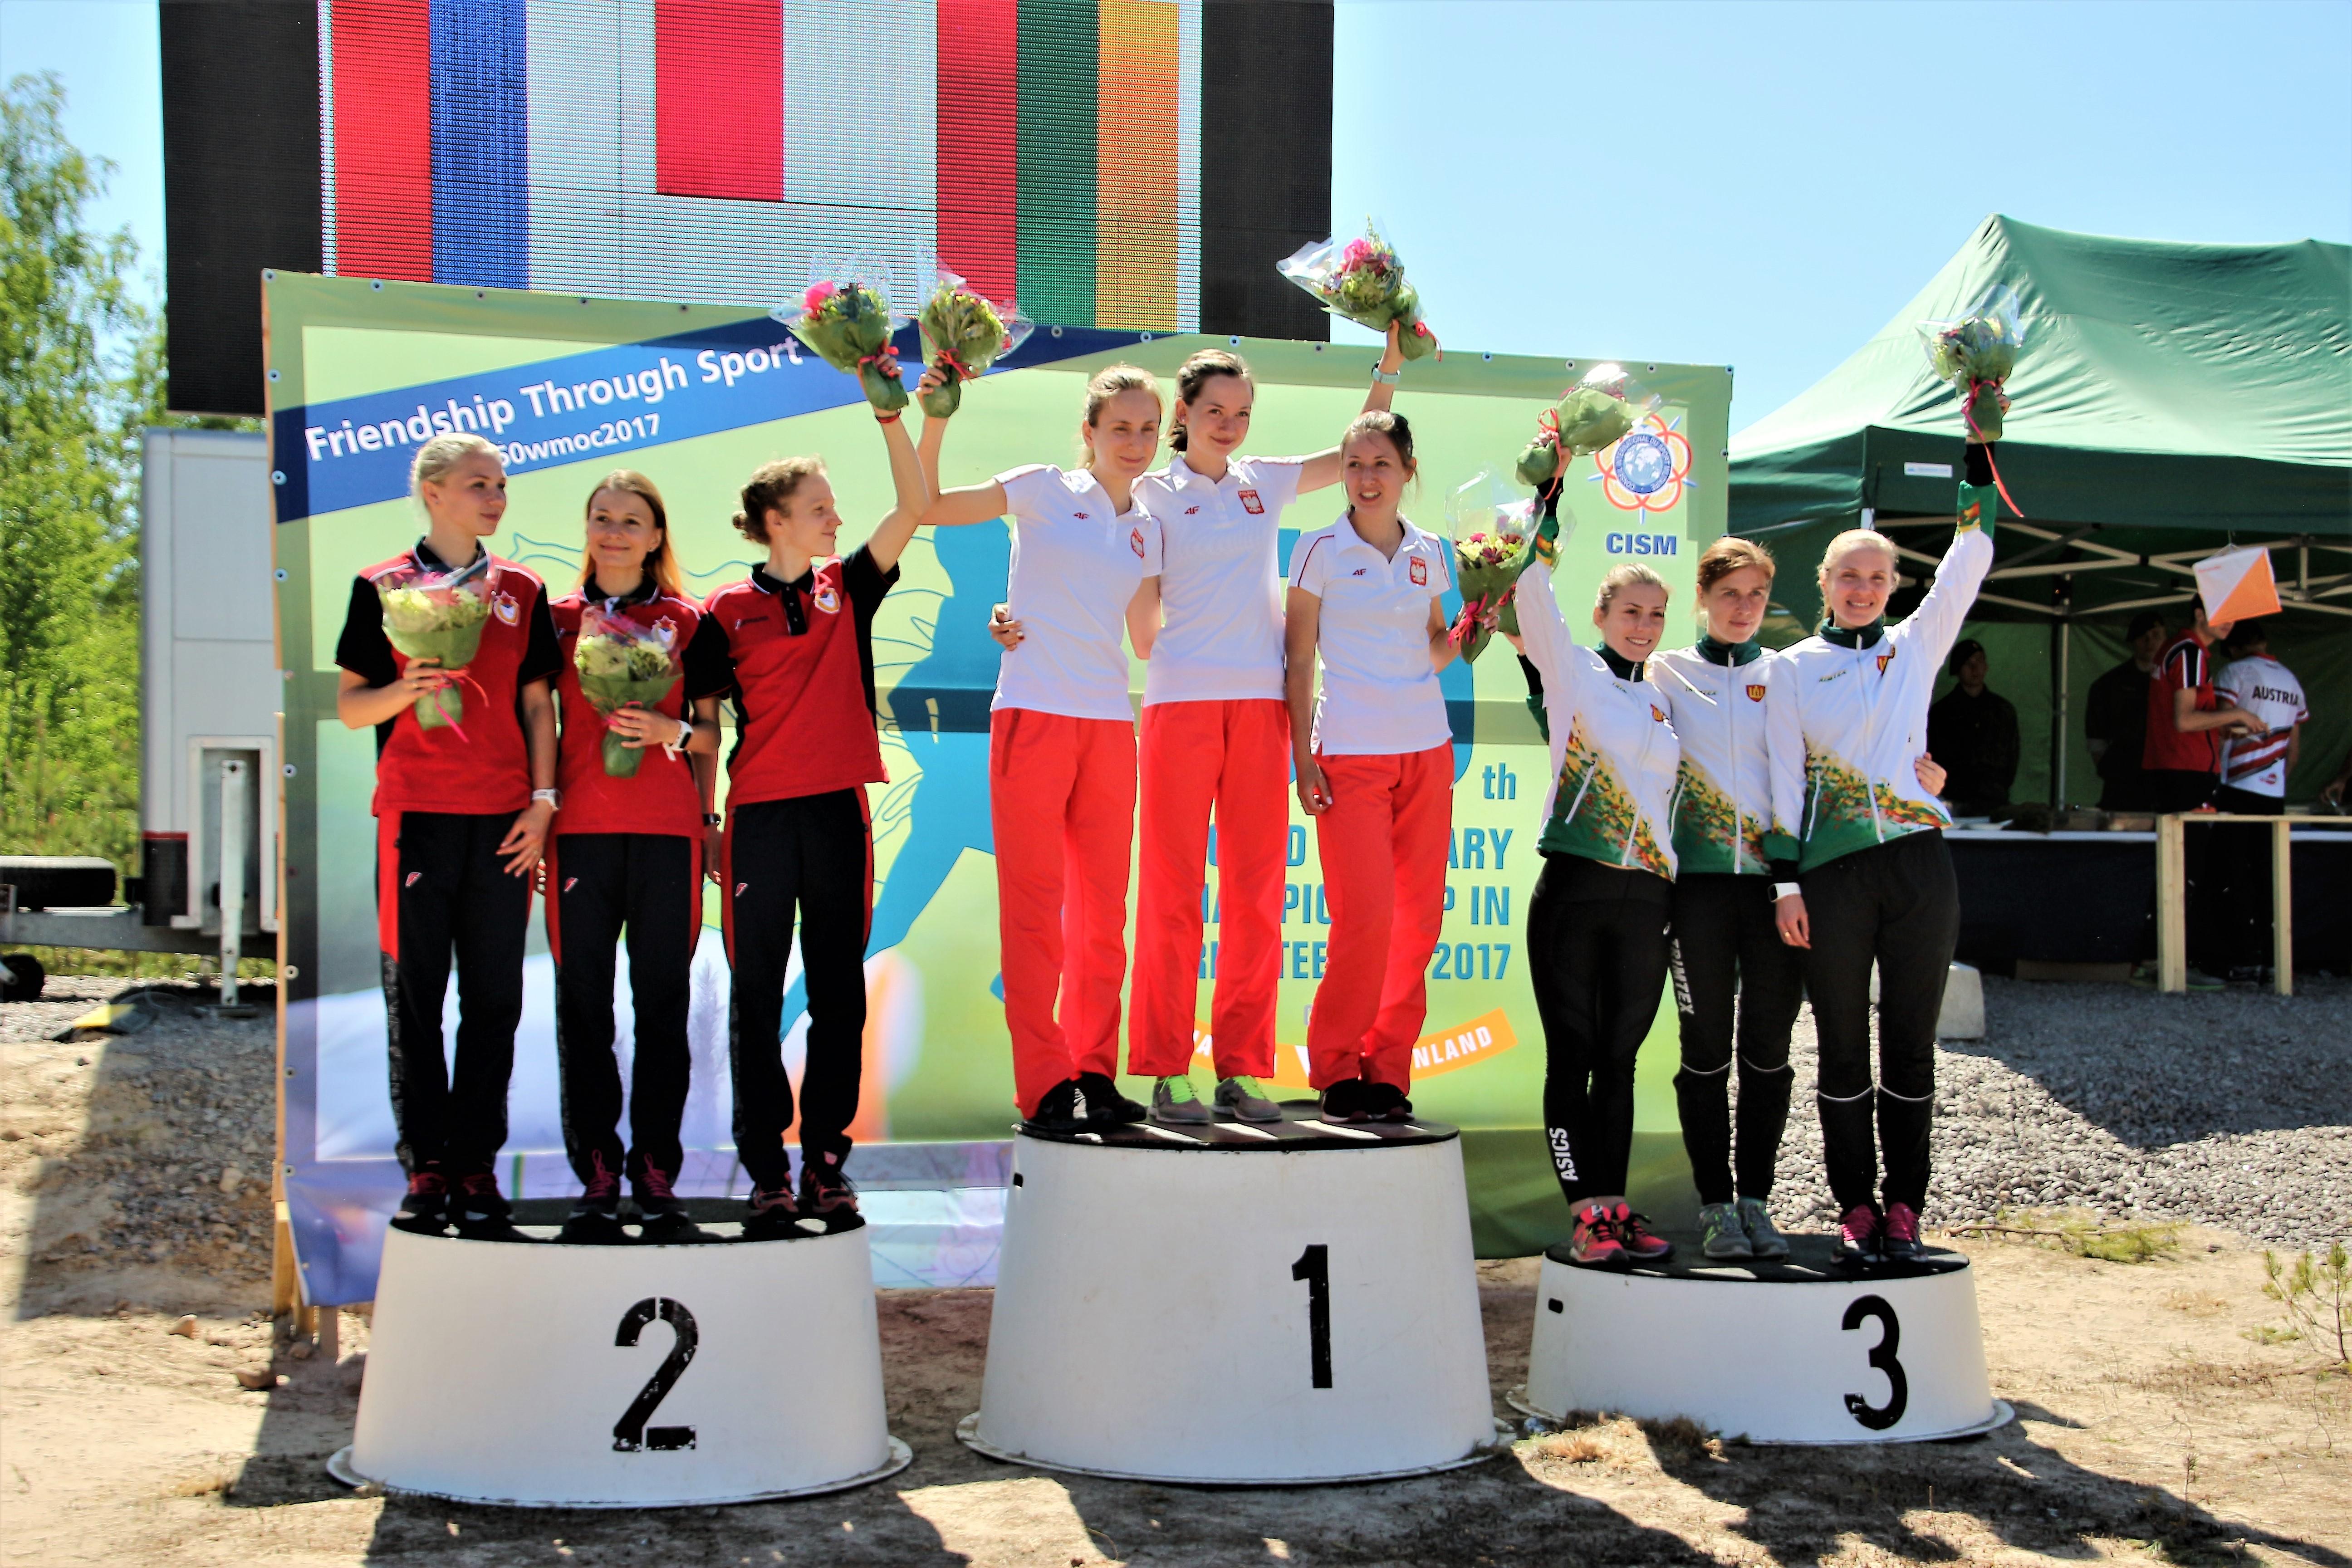 Lietuvos kariškėms - bronzos medaliai pasaulio kariškių čempionate (iš kairės V. Ambrazaitė, S. Paužaitė, I. Valaitė)